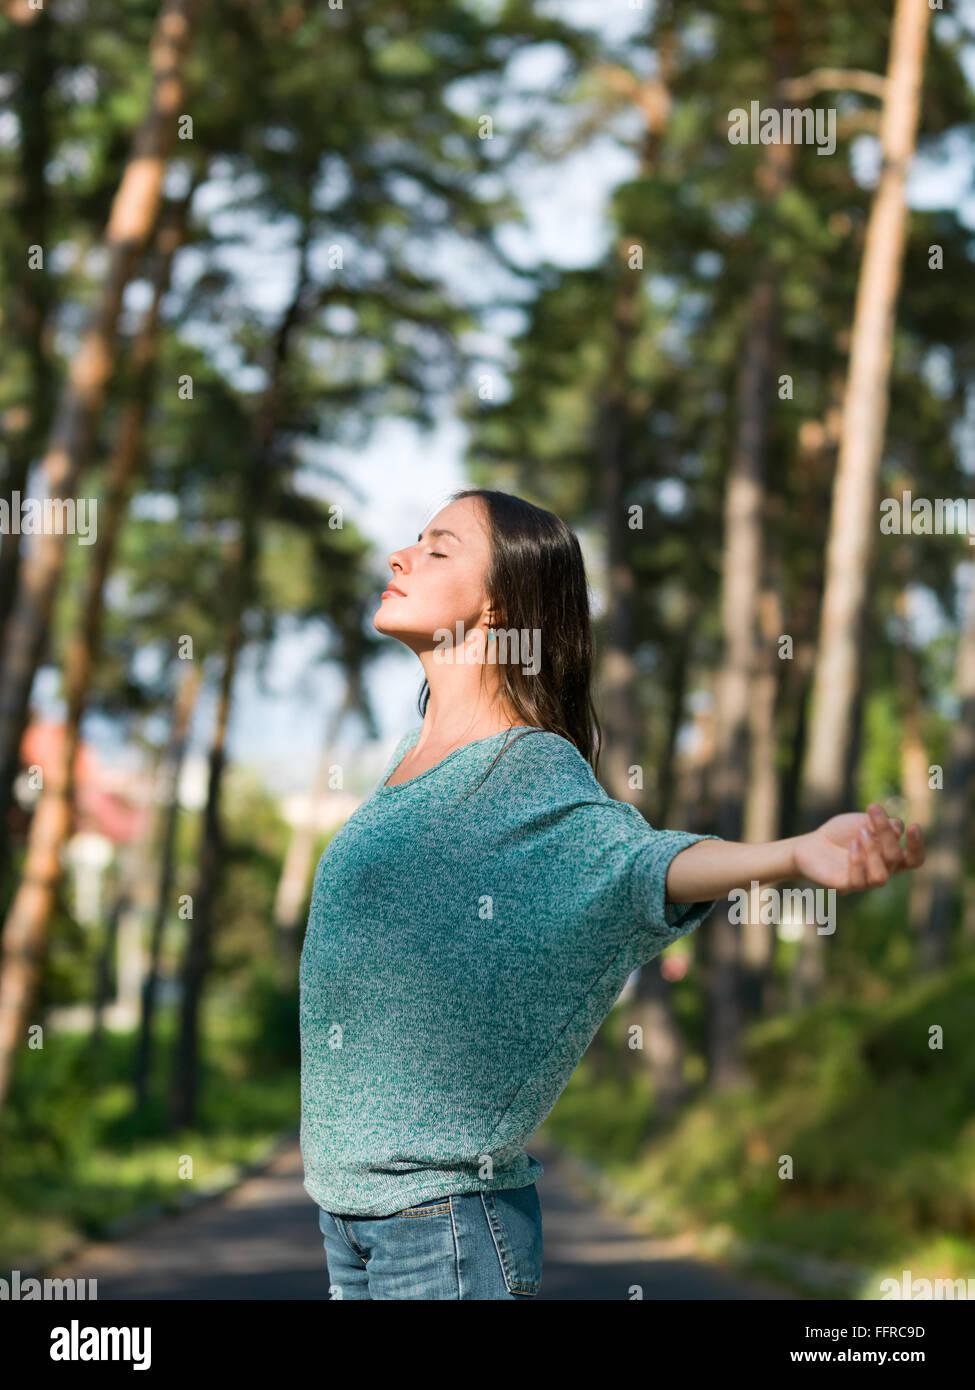 schöne junge Frau, die genießen des warmen Wetter in einer Gasse mit grünen Bäumen Stockbild